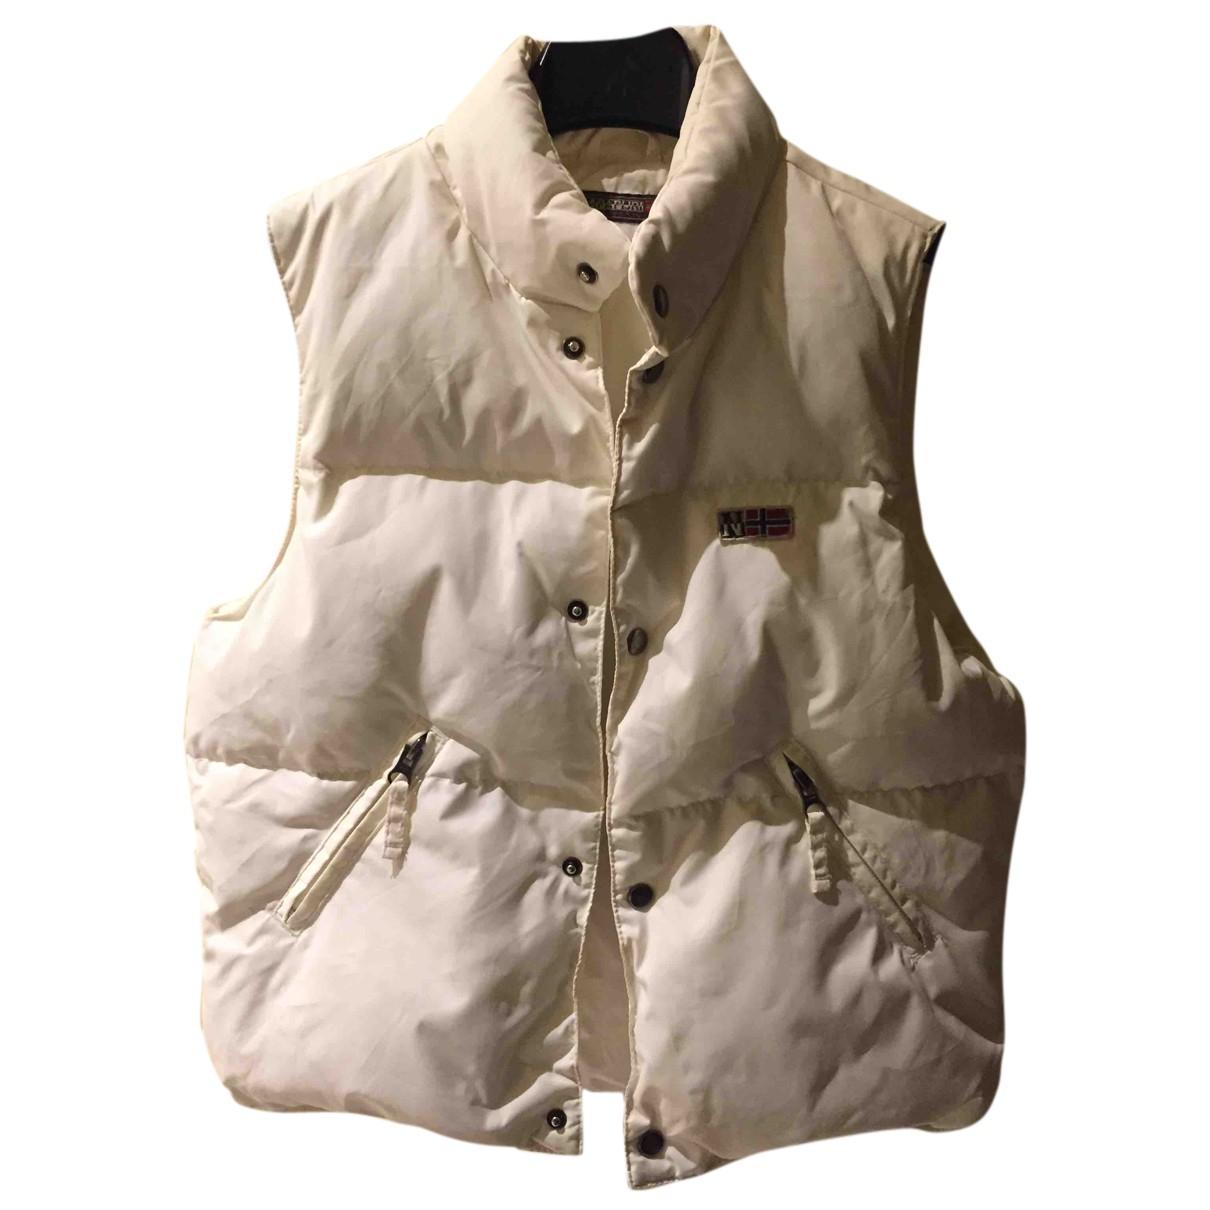 Napapijri - Blousons.Manteaux   pour enfant - blanc